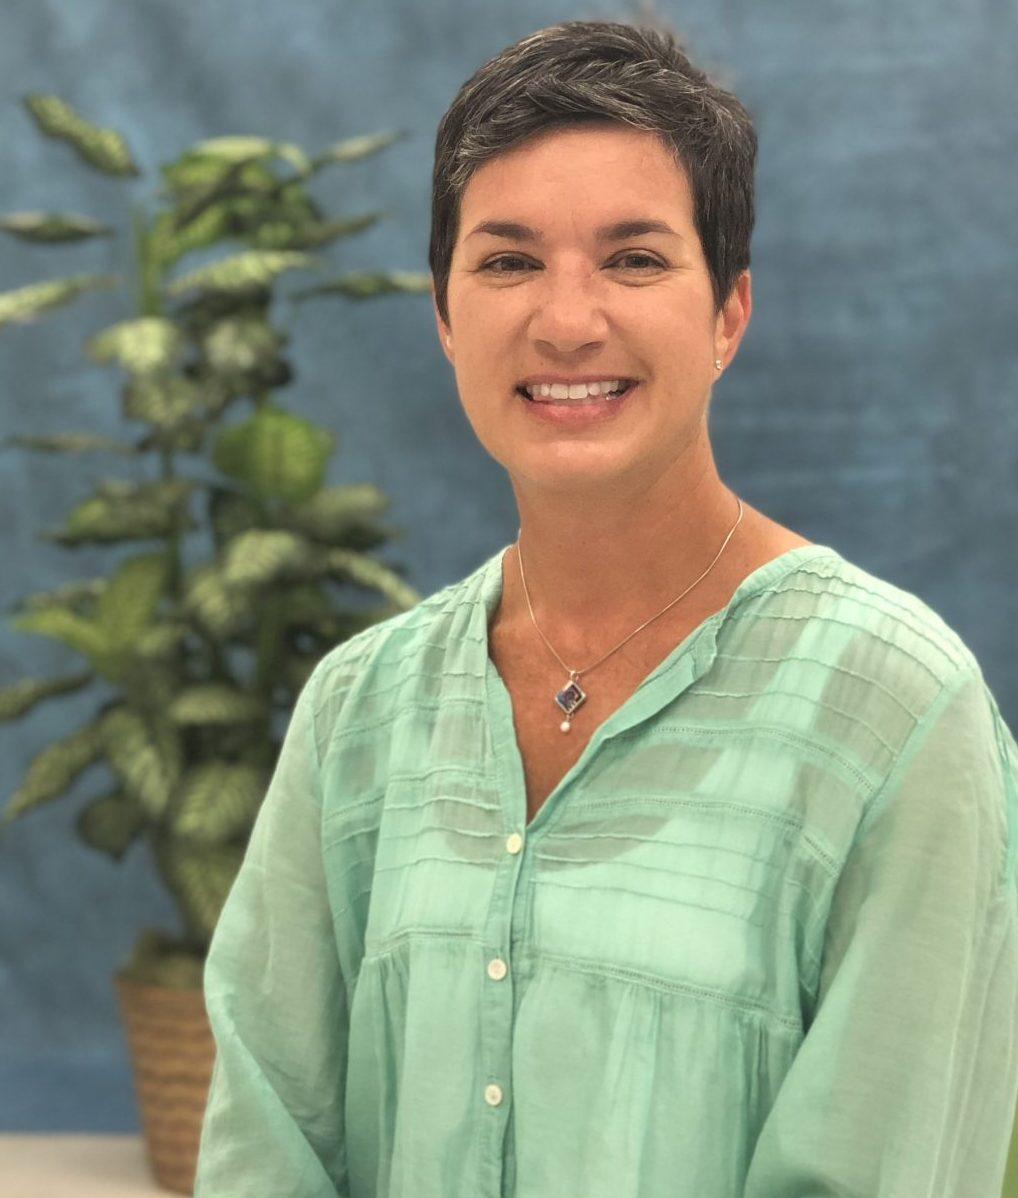 image of Valerie Gross